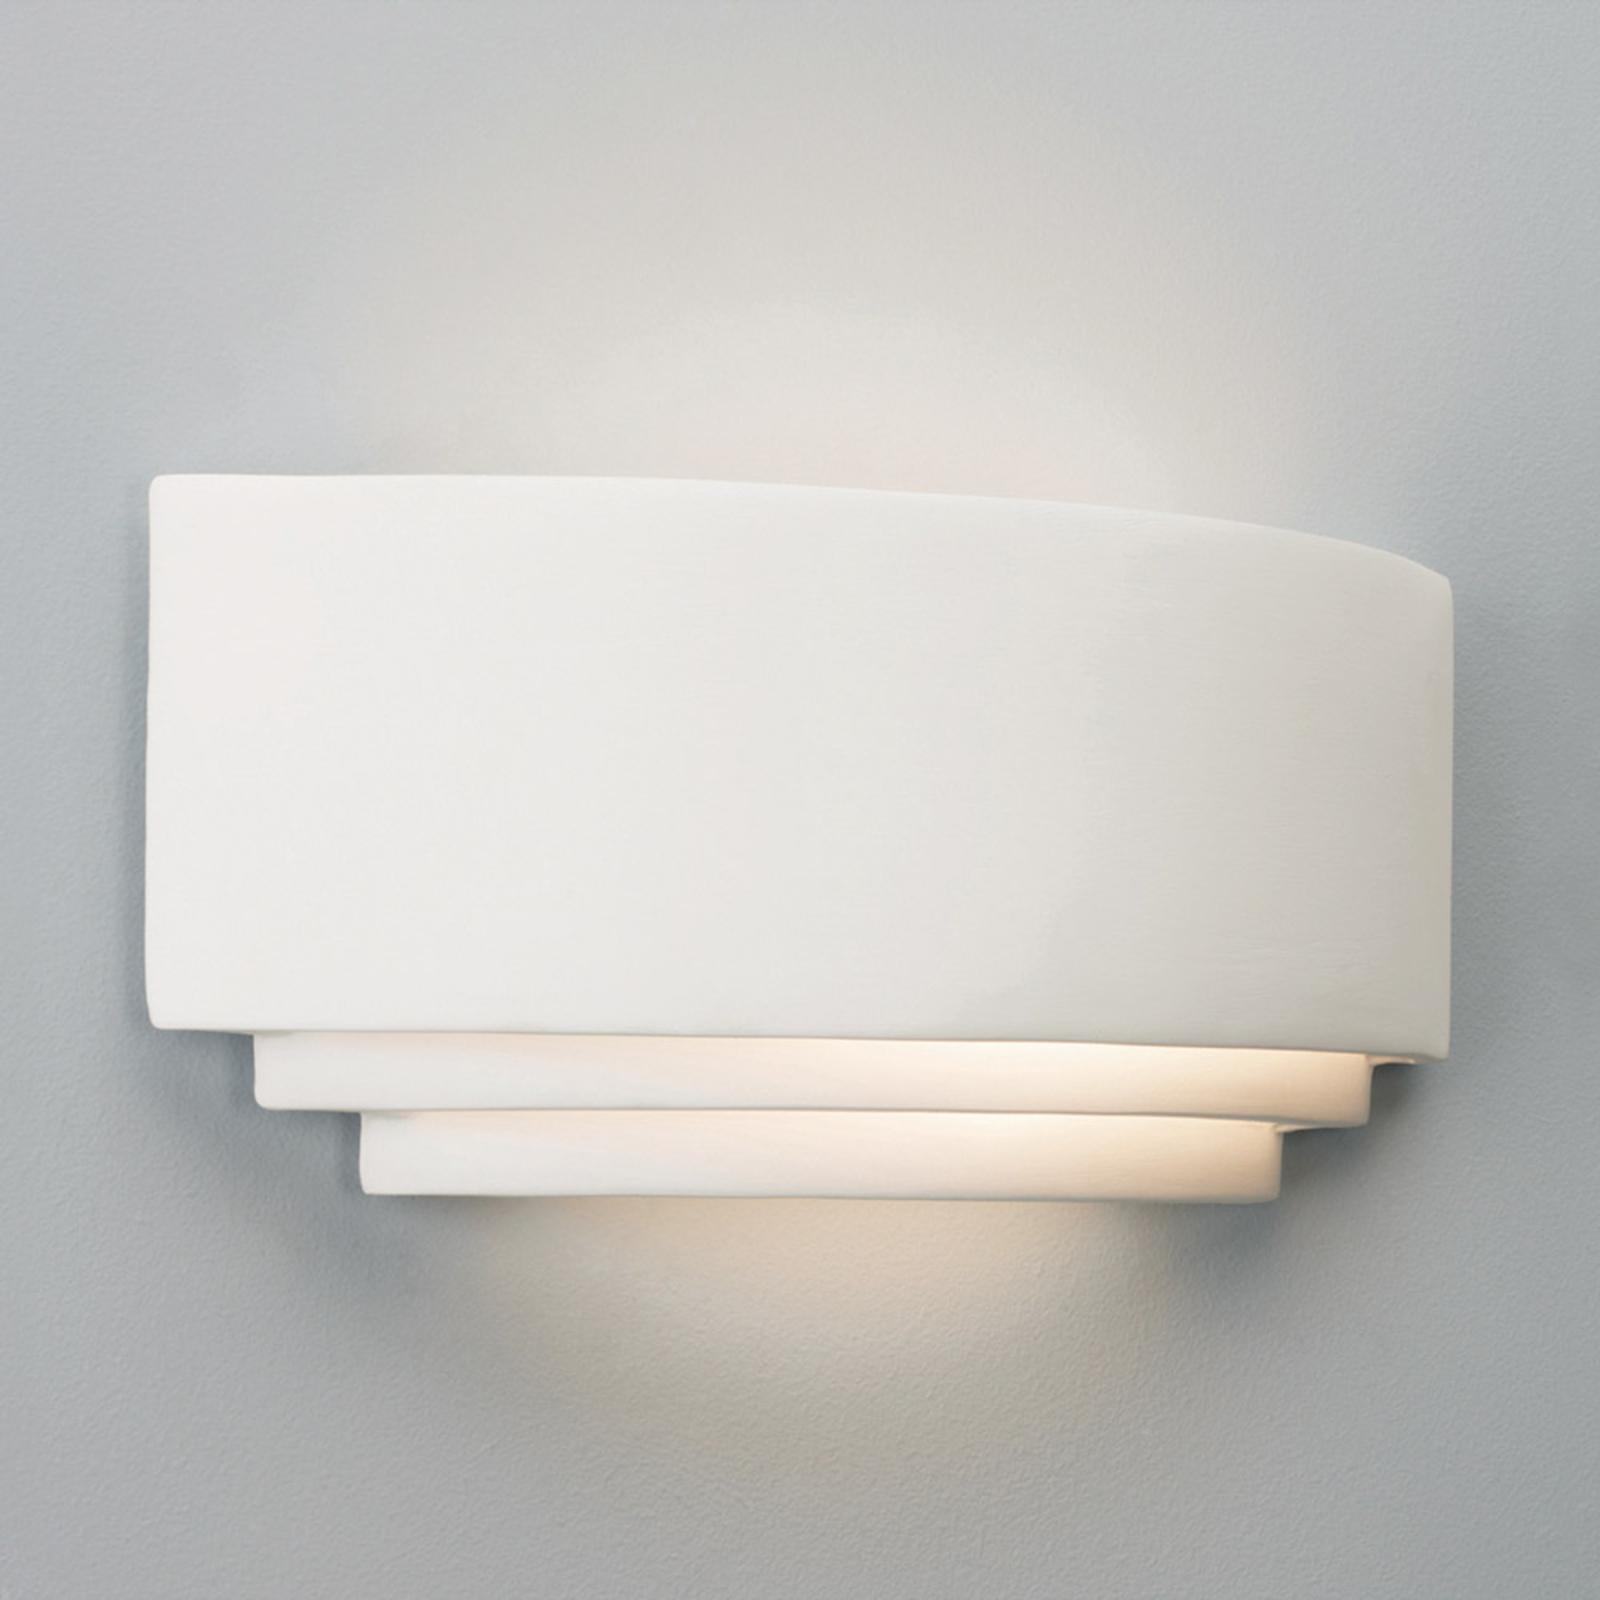 Astro Amalfi 315 Keramik-Wandleuchte weiß 31,5cm